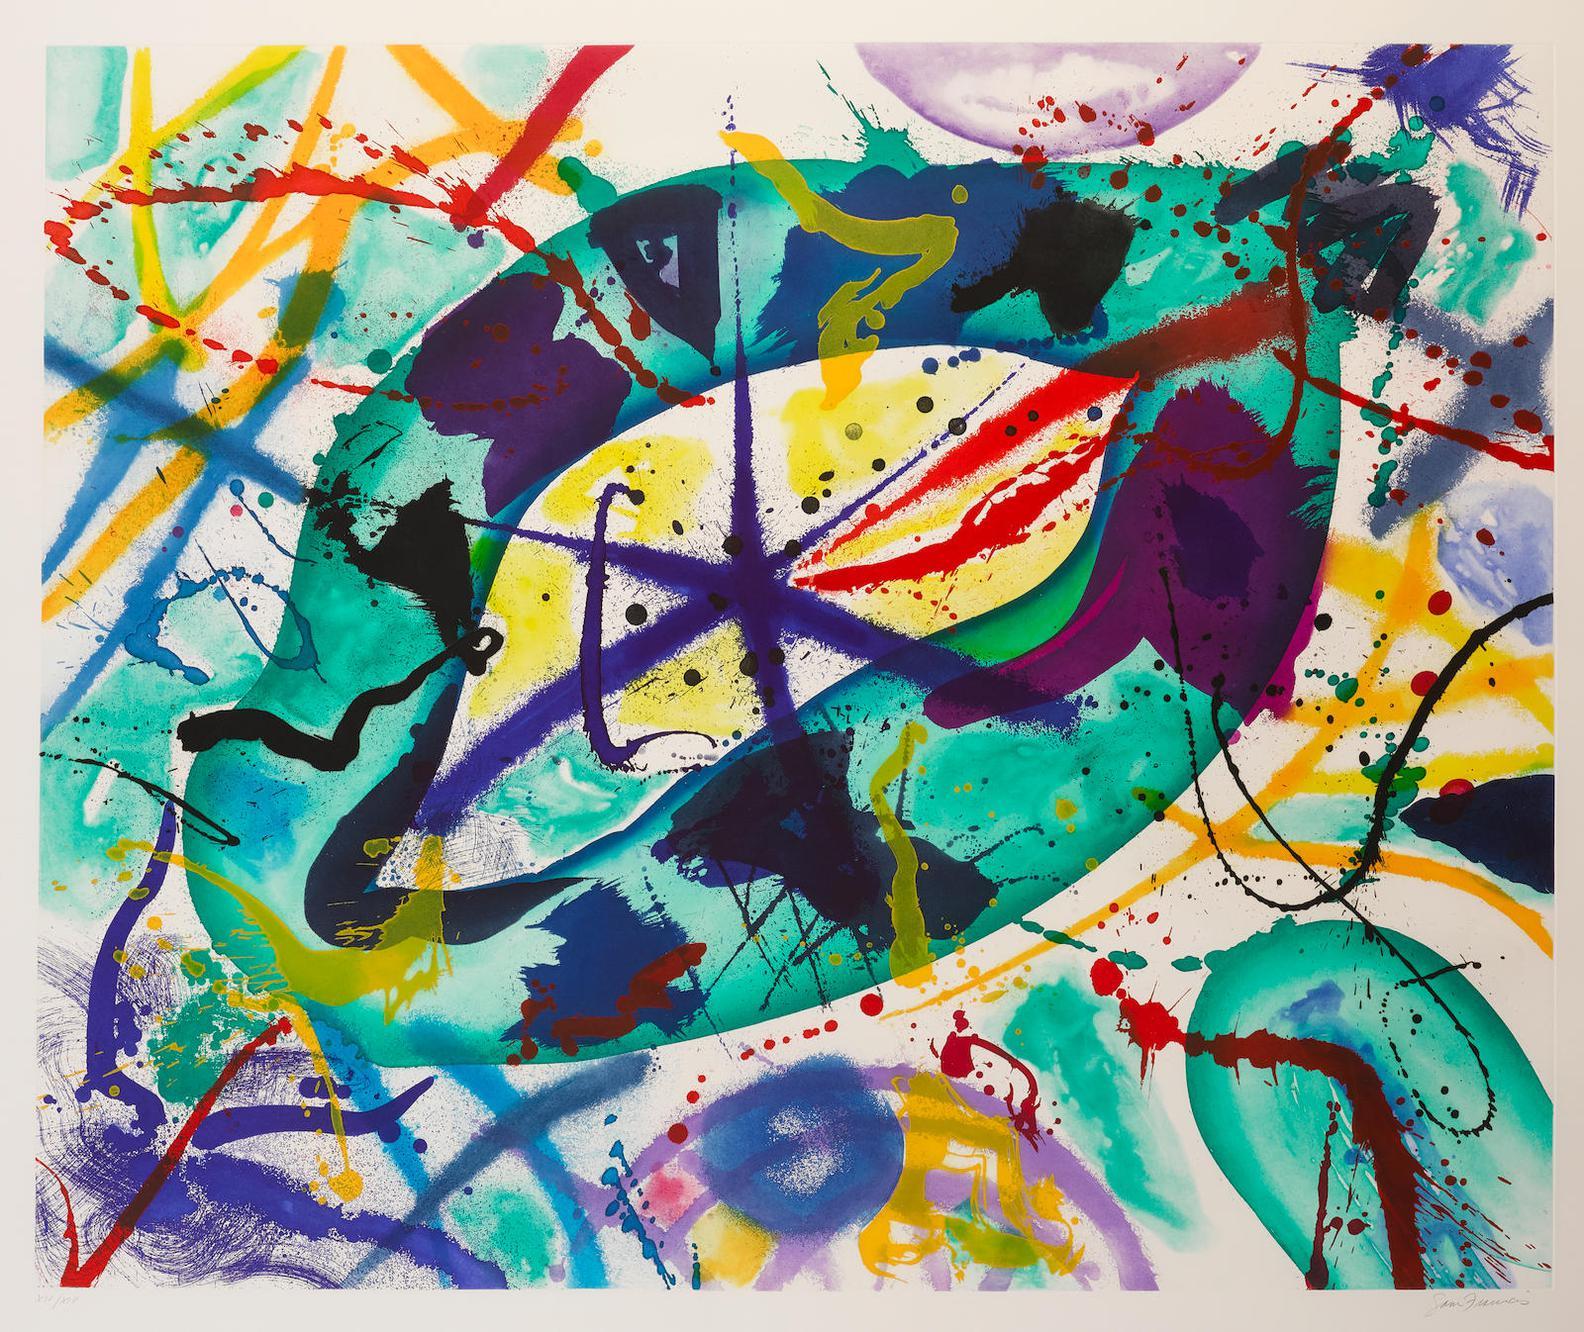 Sam Francis-Trietto 1 (Sfe-074Rc)-1991